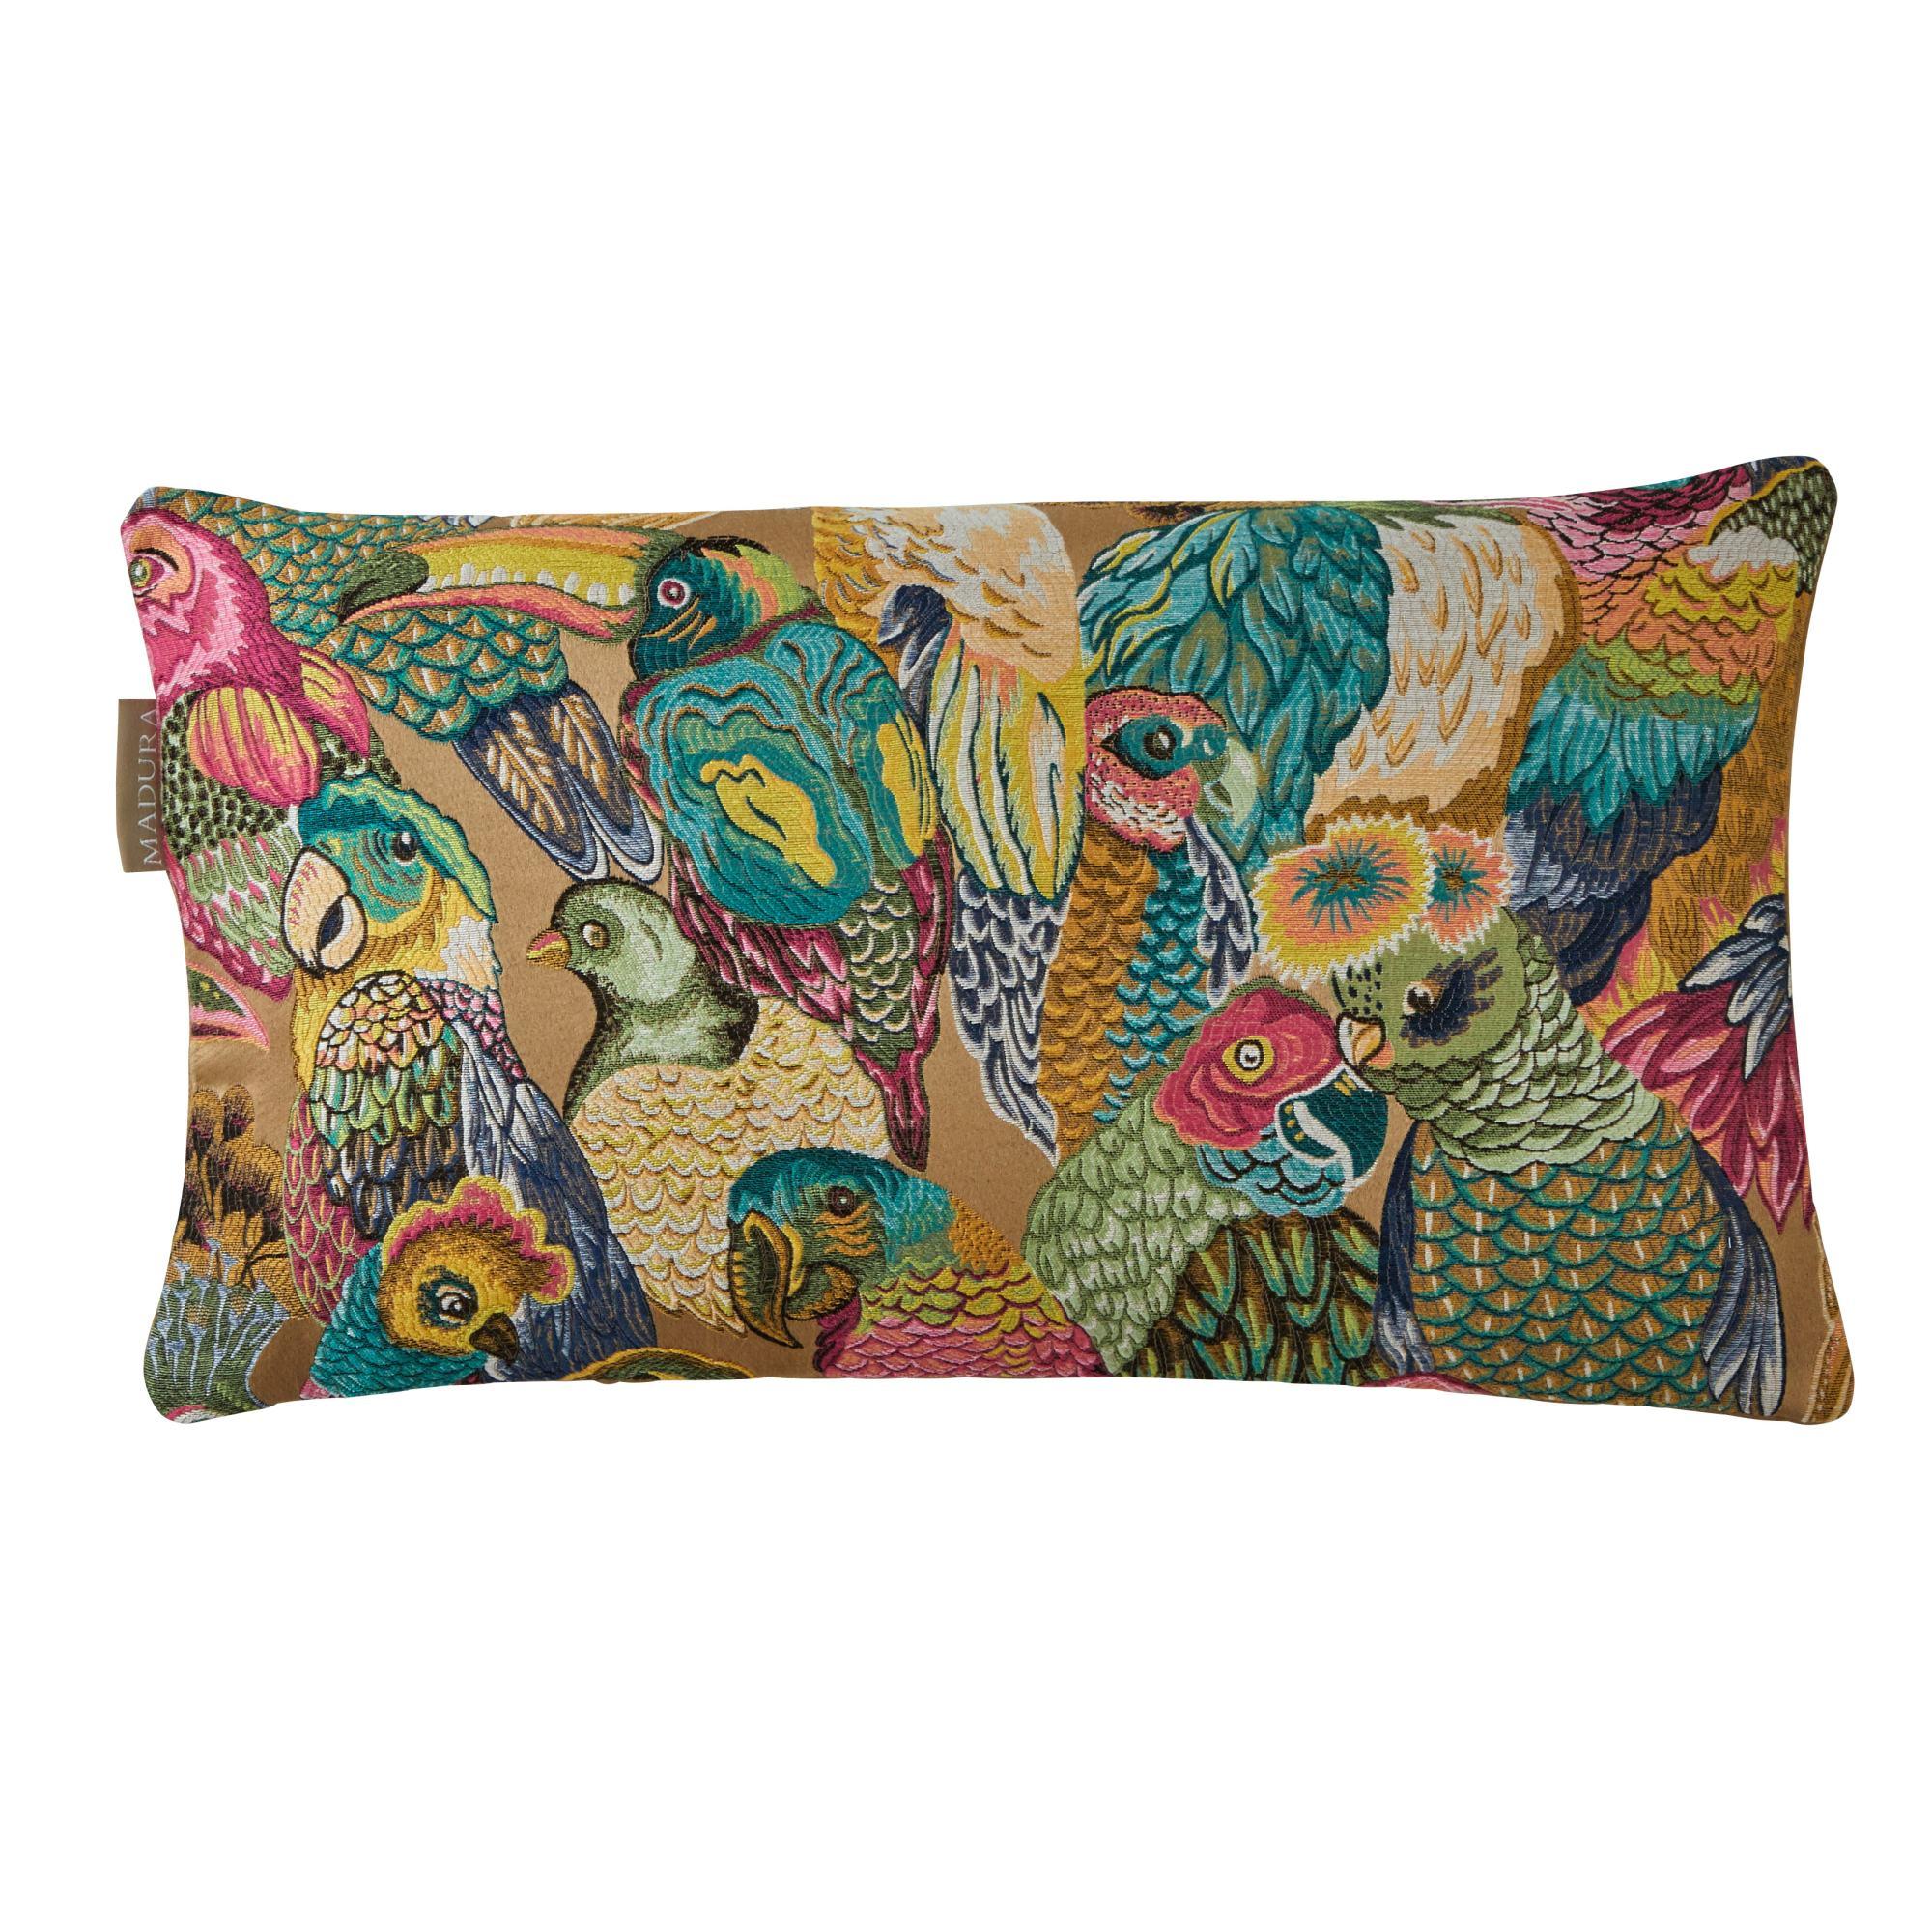 Housse de coussin 28x47 cm Multicolore